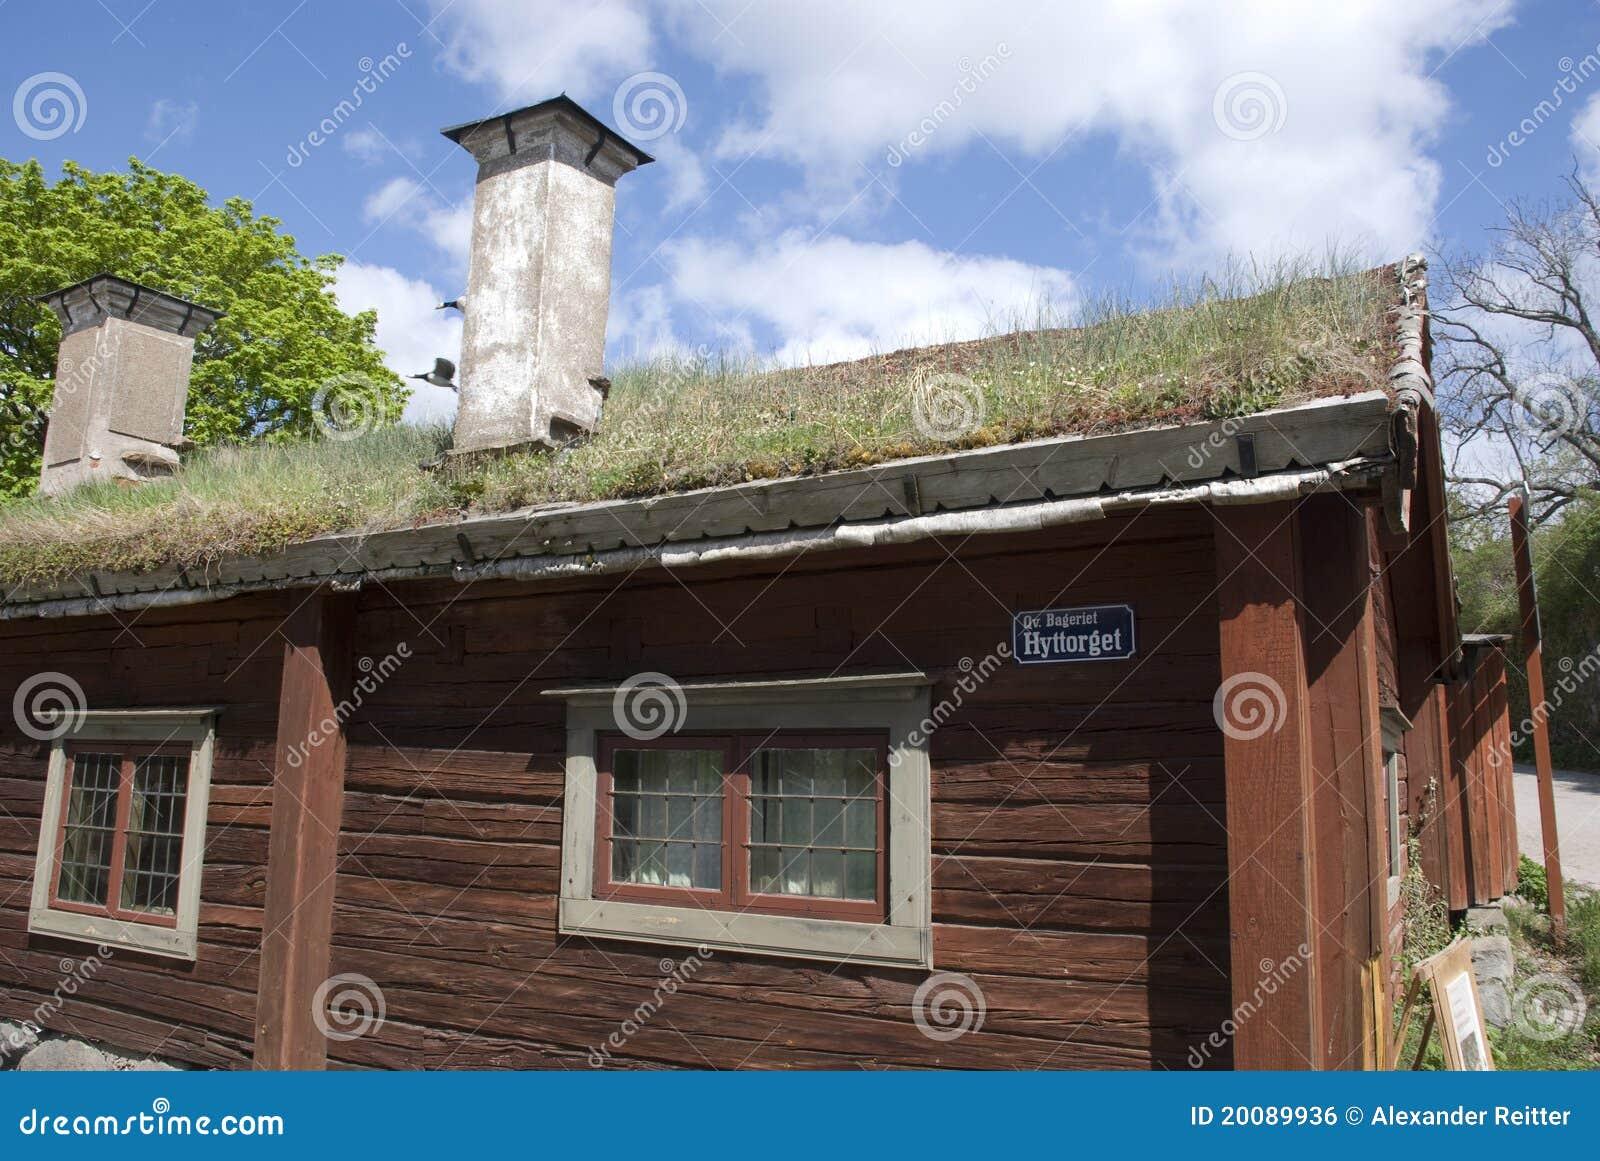 Maison scandinave image libre de droits image 20089936 - Maison bois scandinave ...